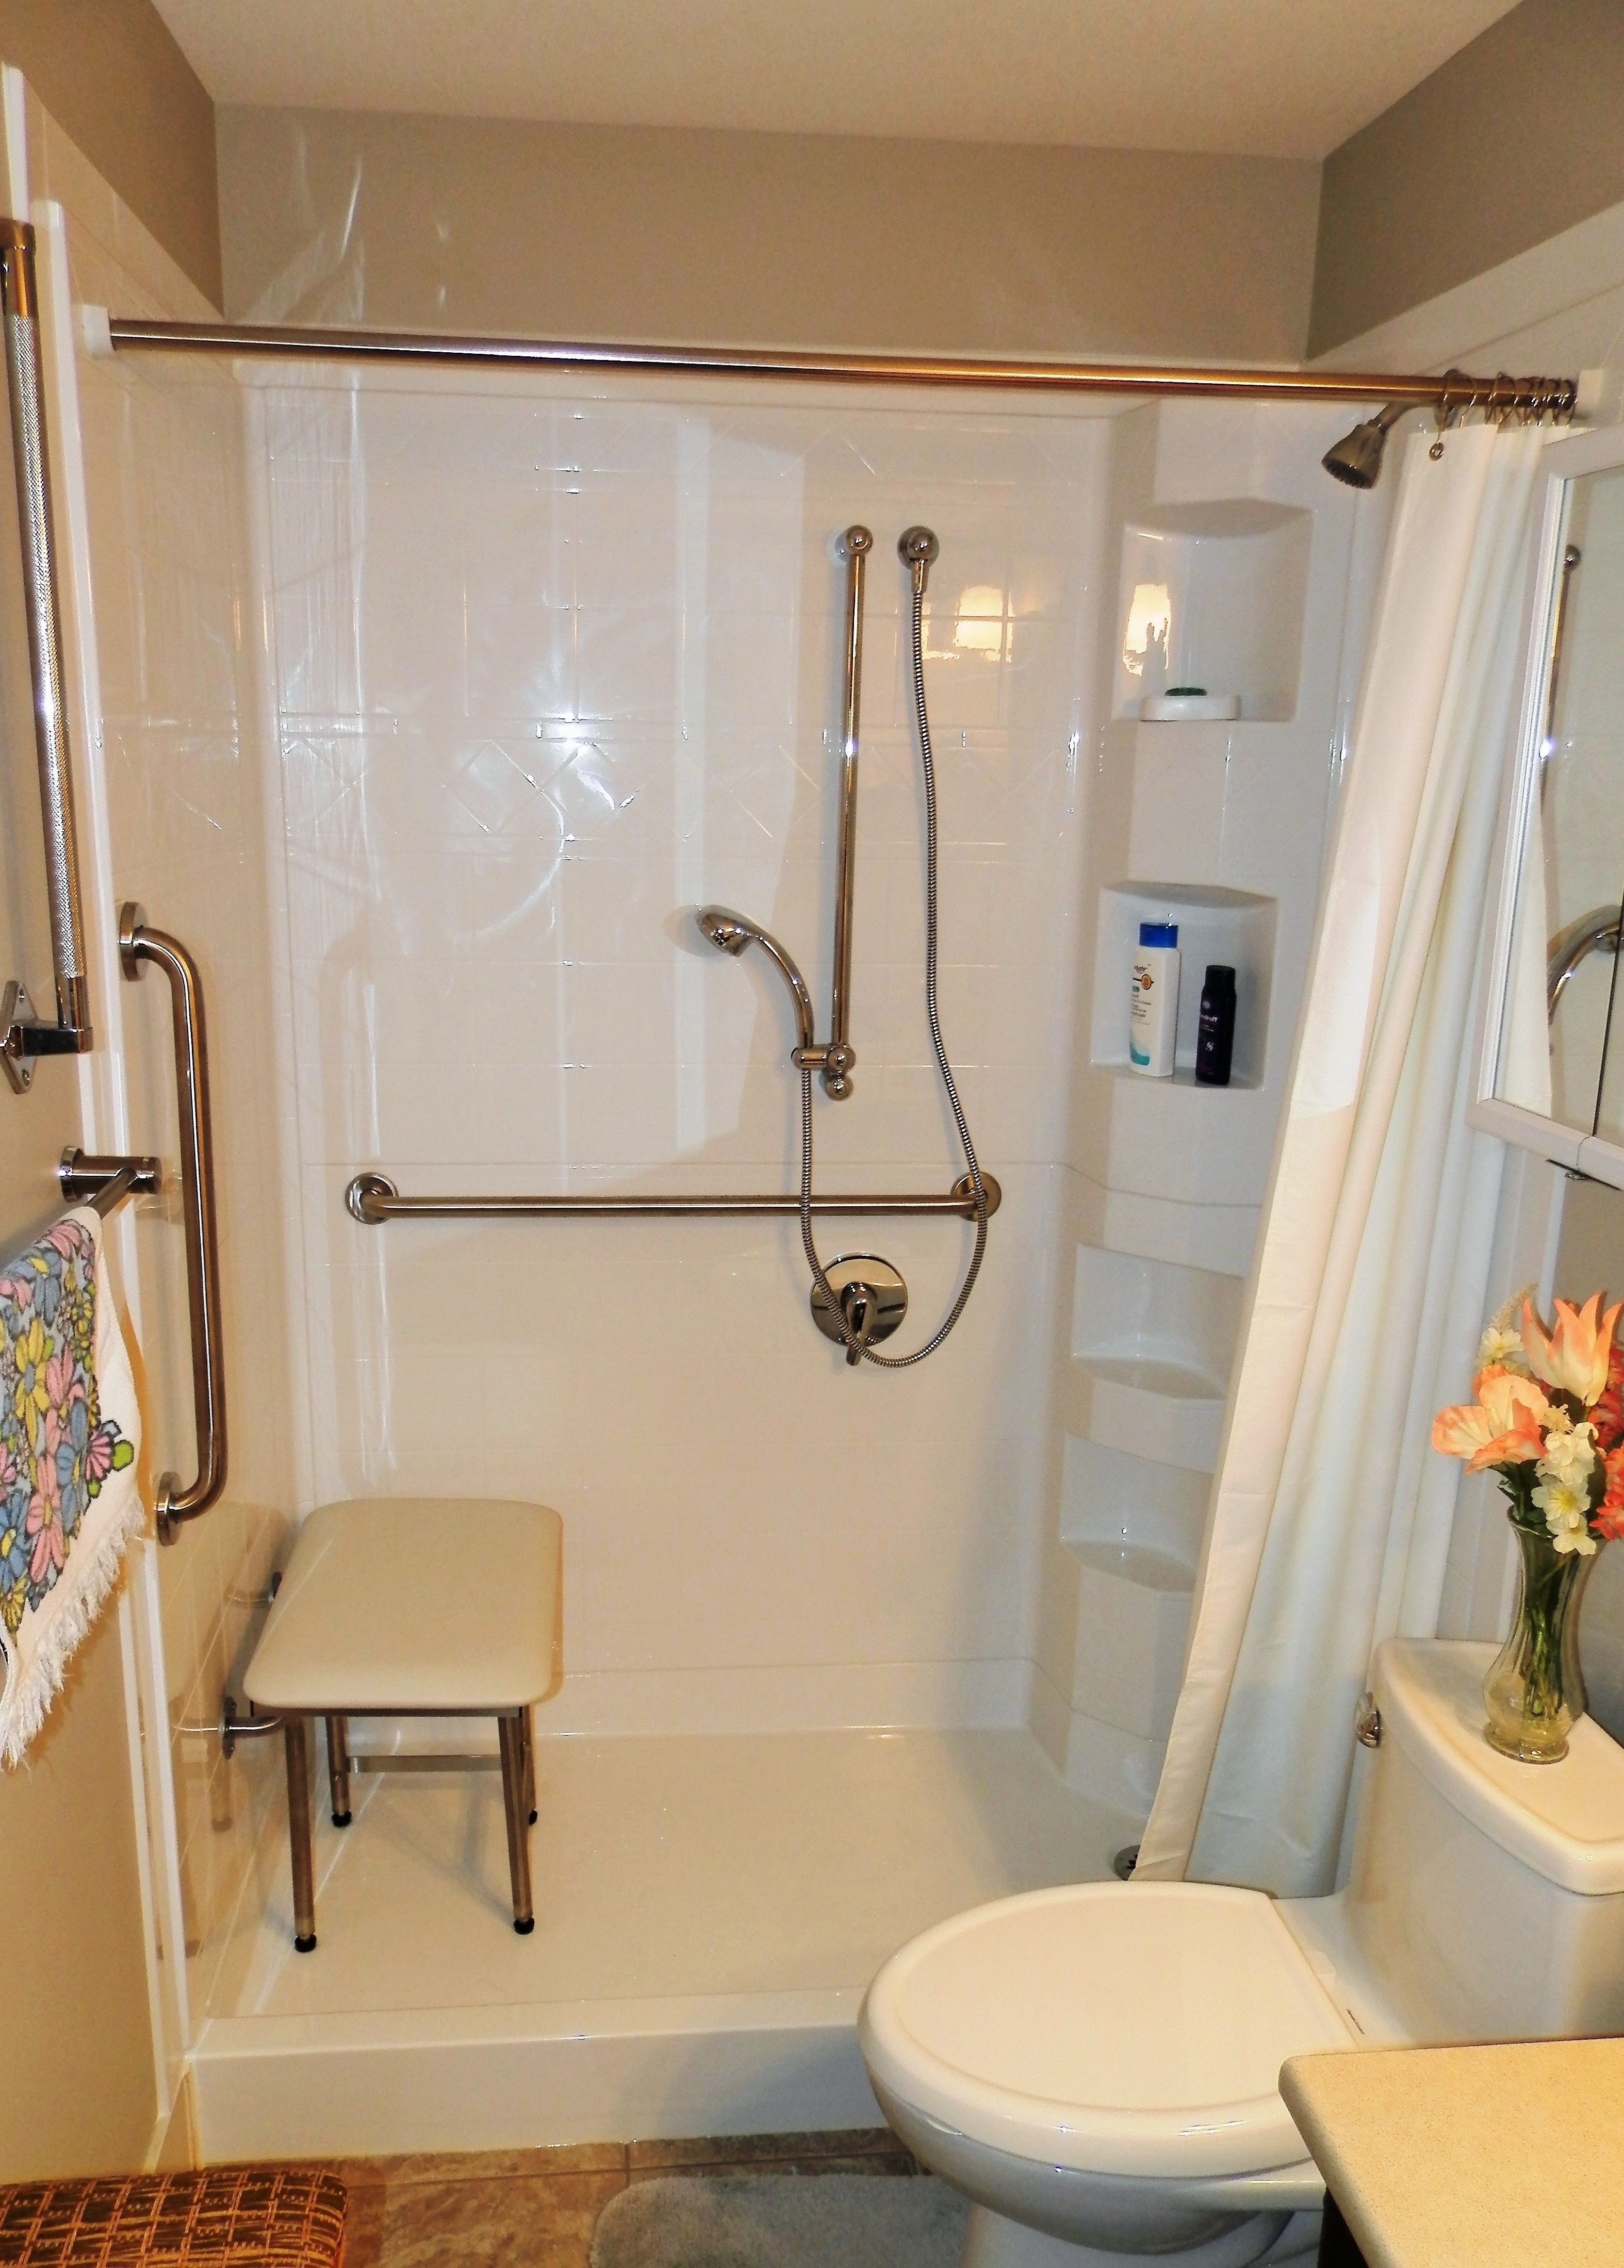 Best bath piece shower system with standard threshold corner